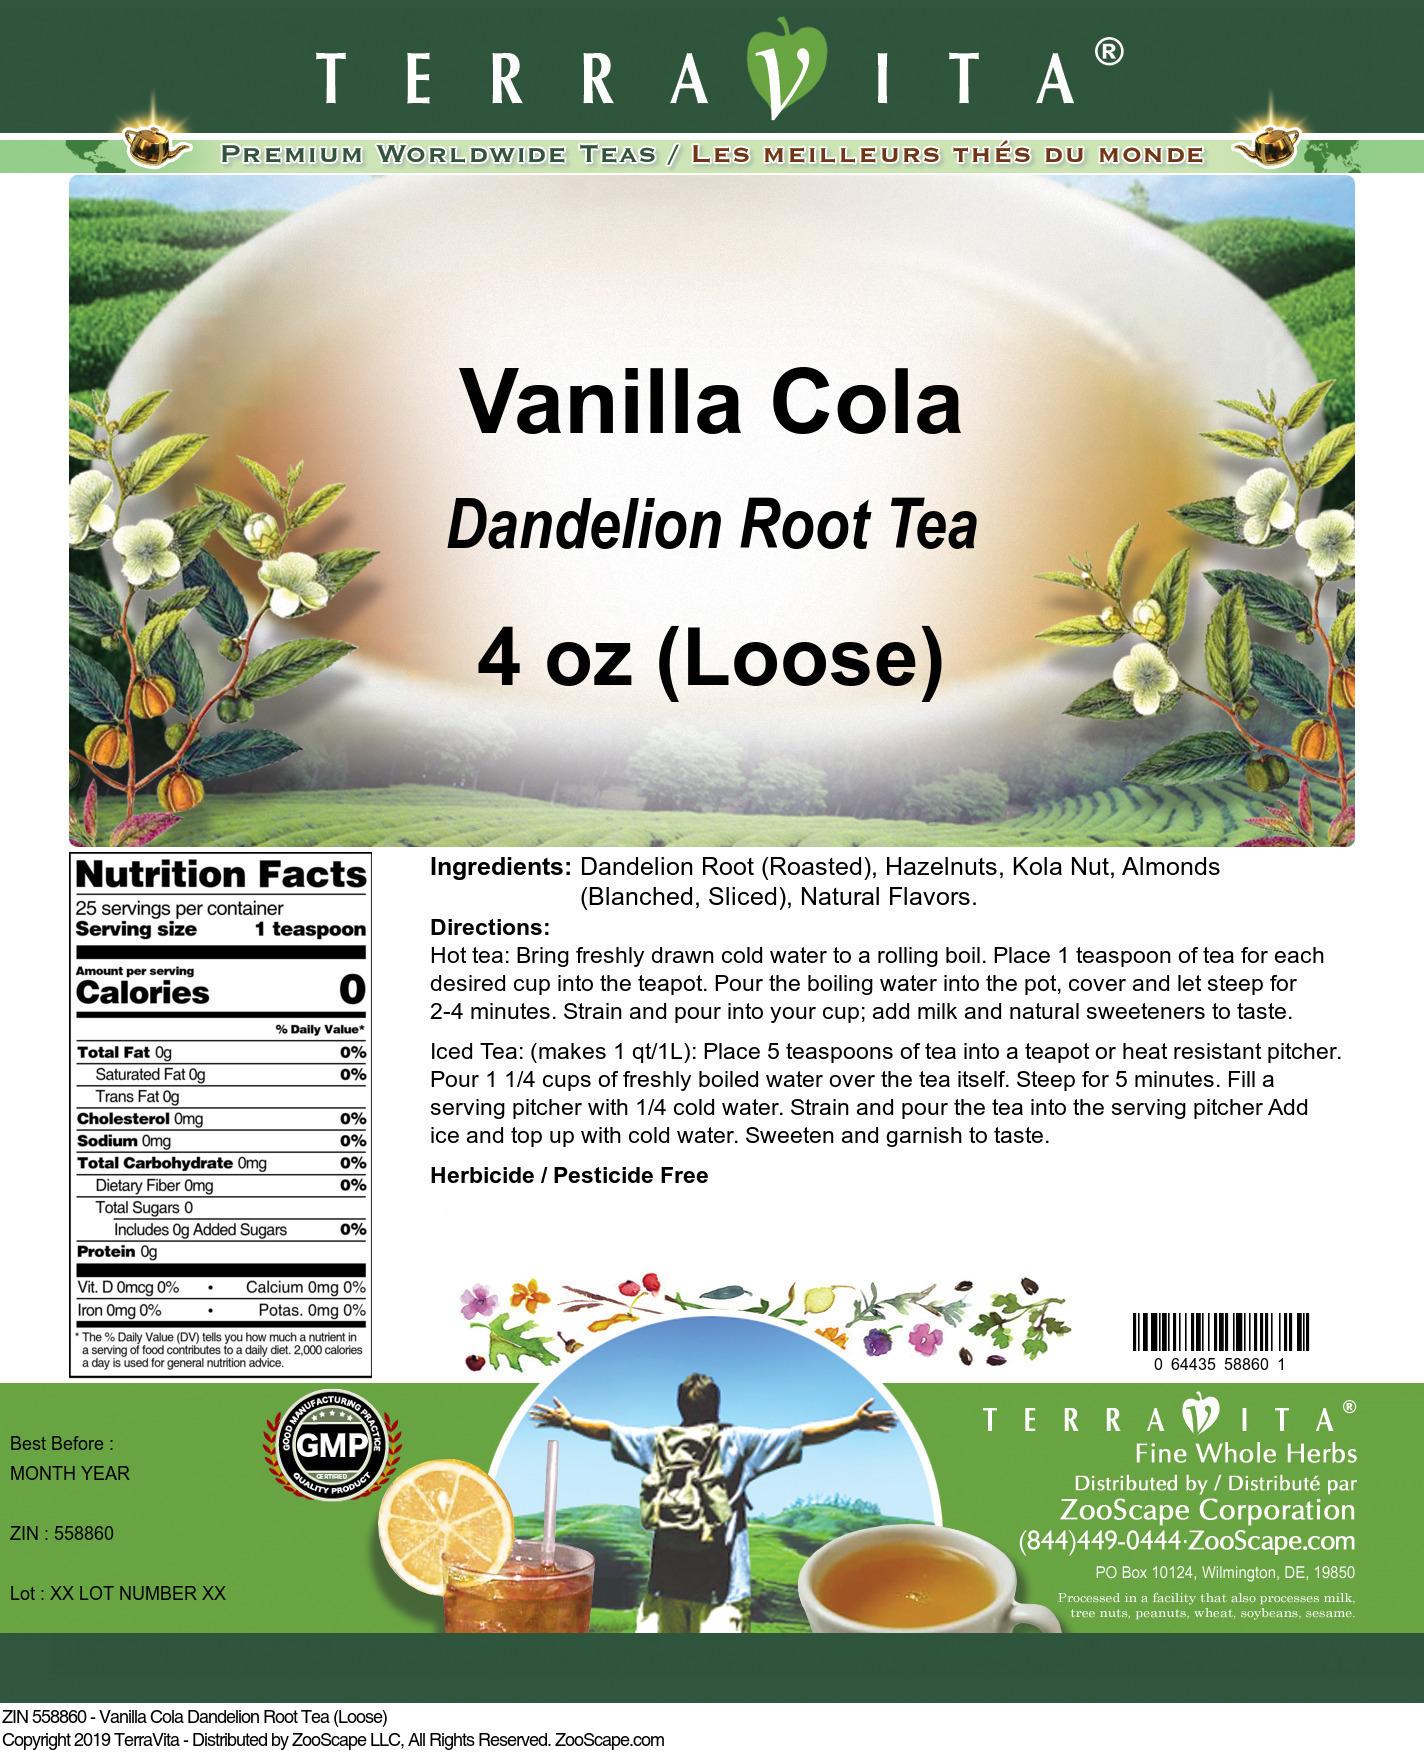 Vanilla Cola Dandelion Root Tea (Loose)